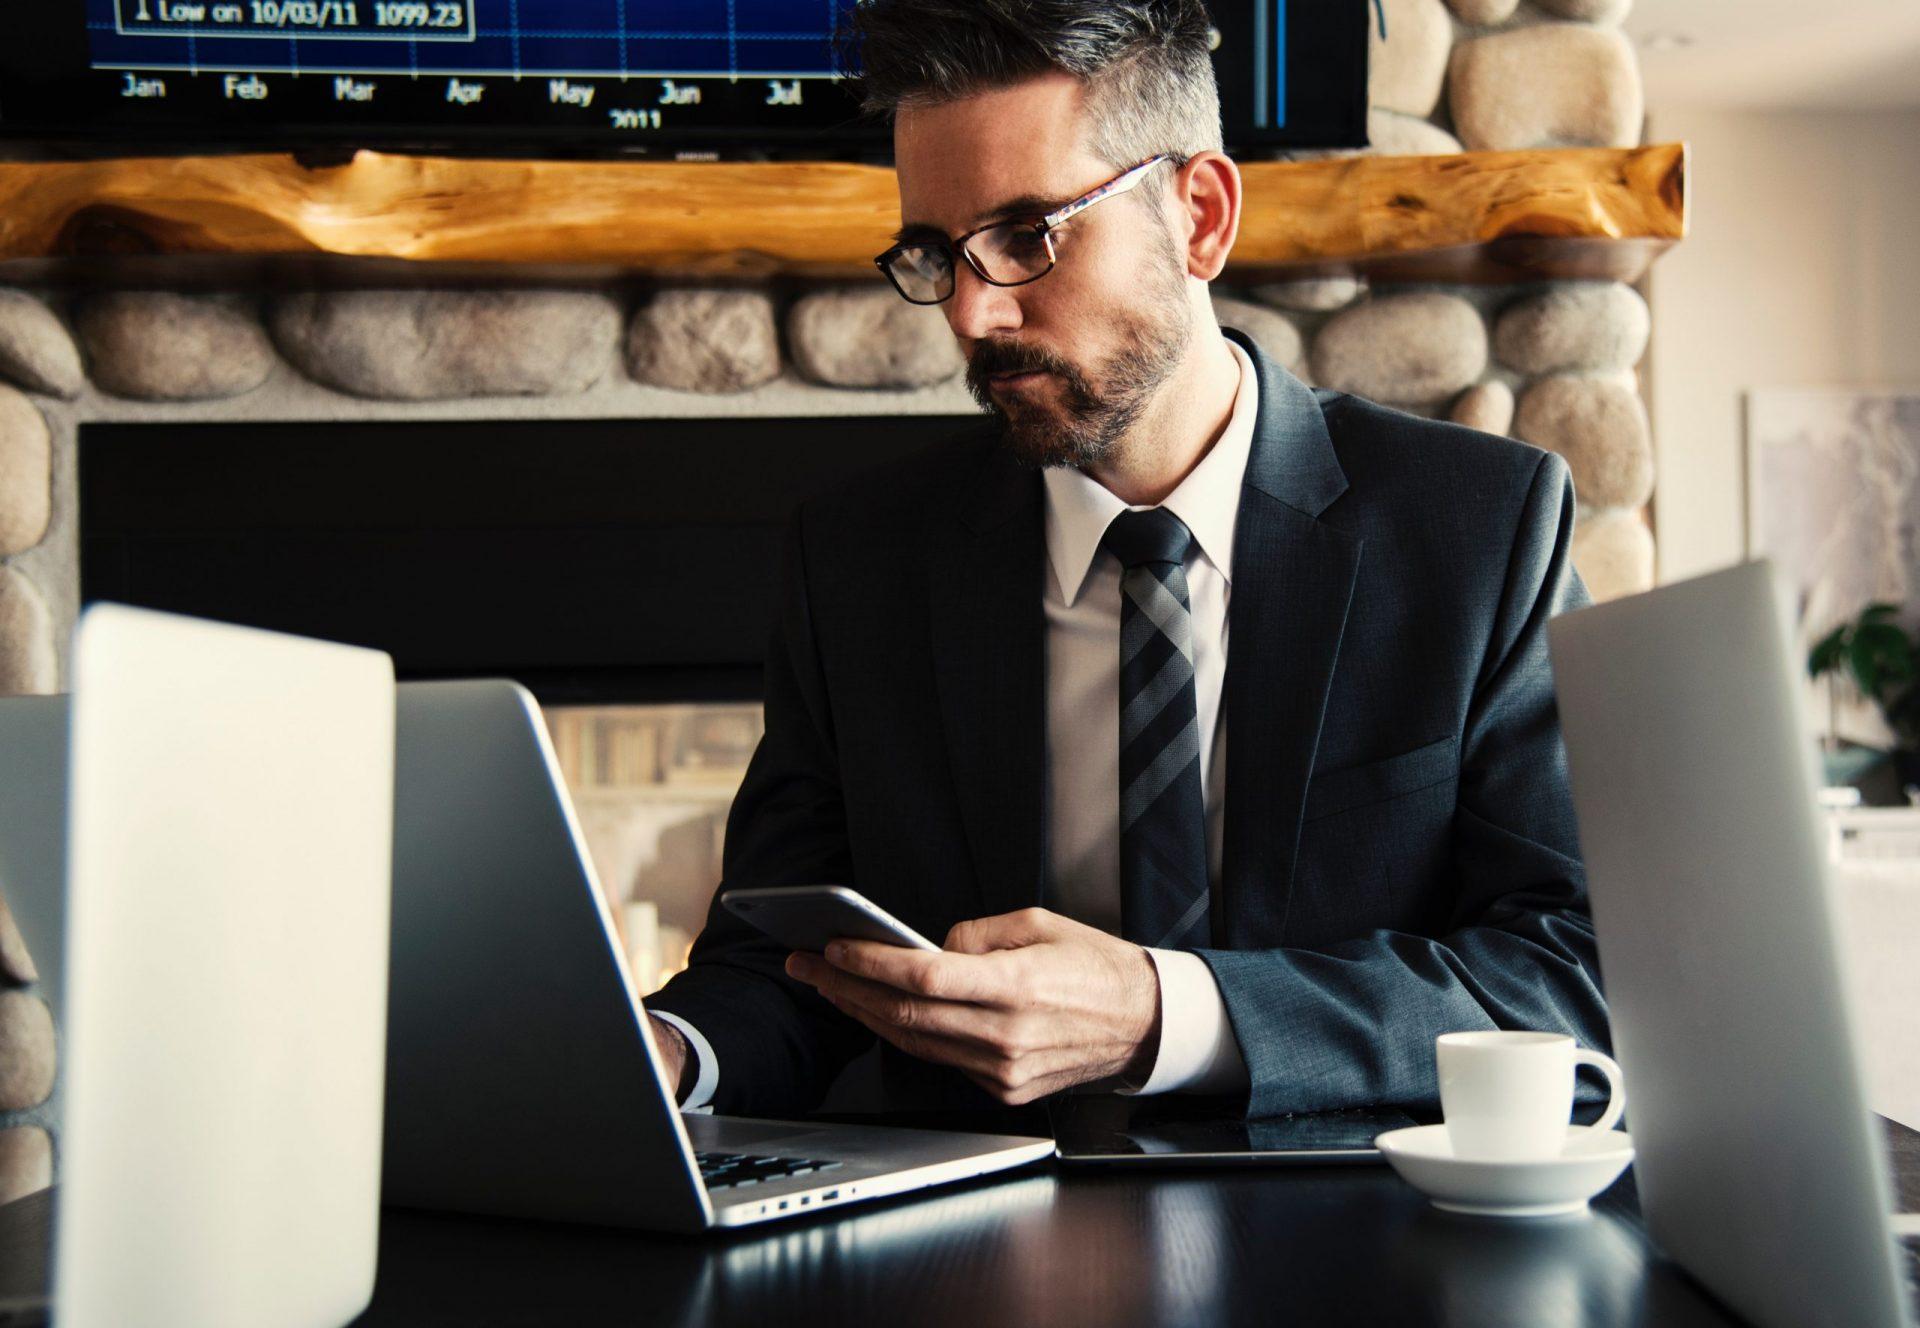 accountant at computer